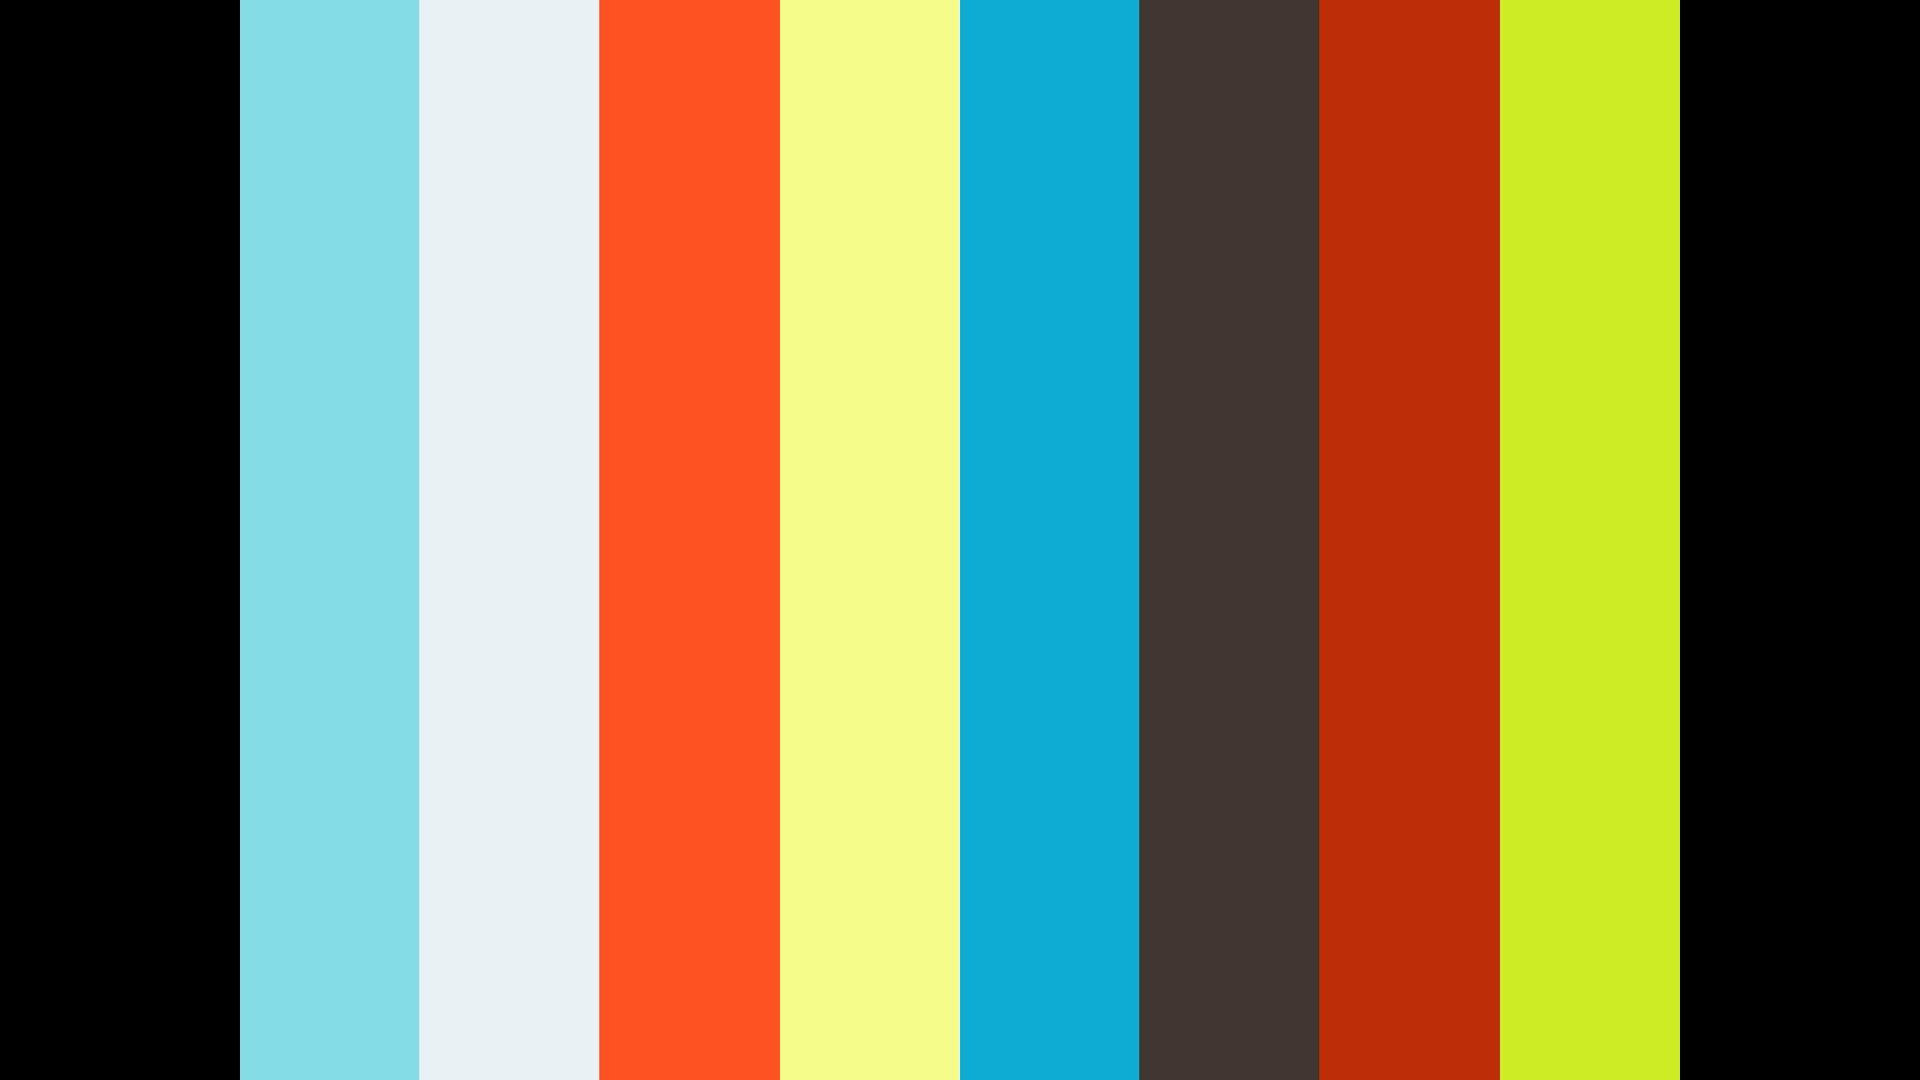 1256-gcr-5171-fraser-tina-shearon-unbranded